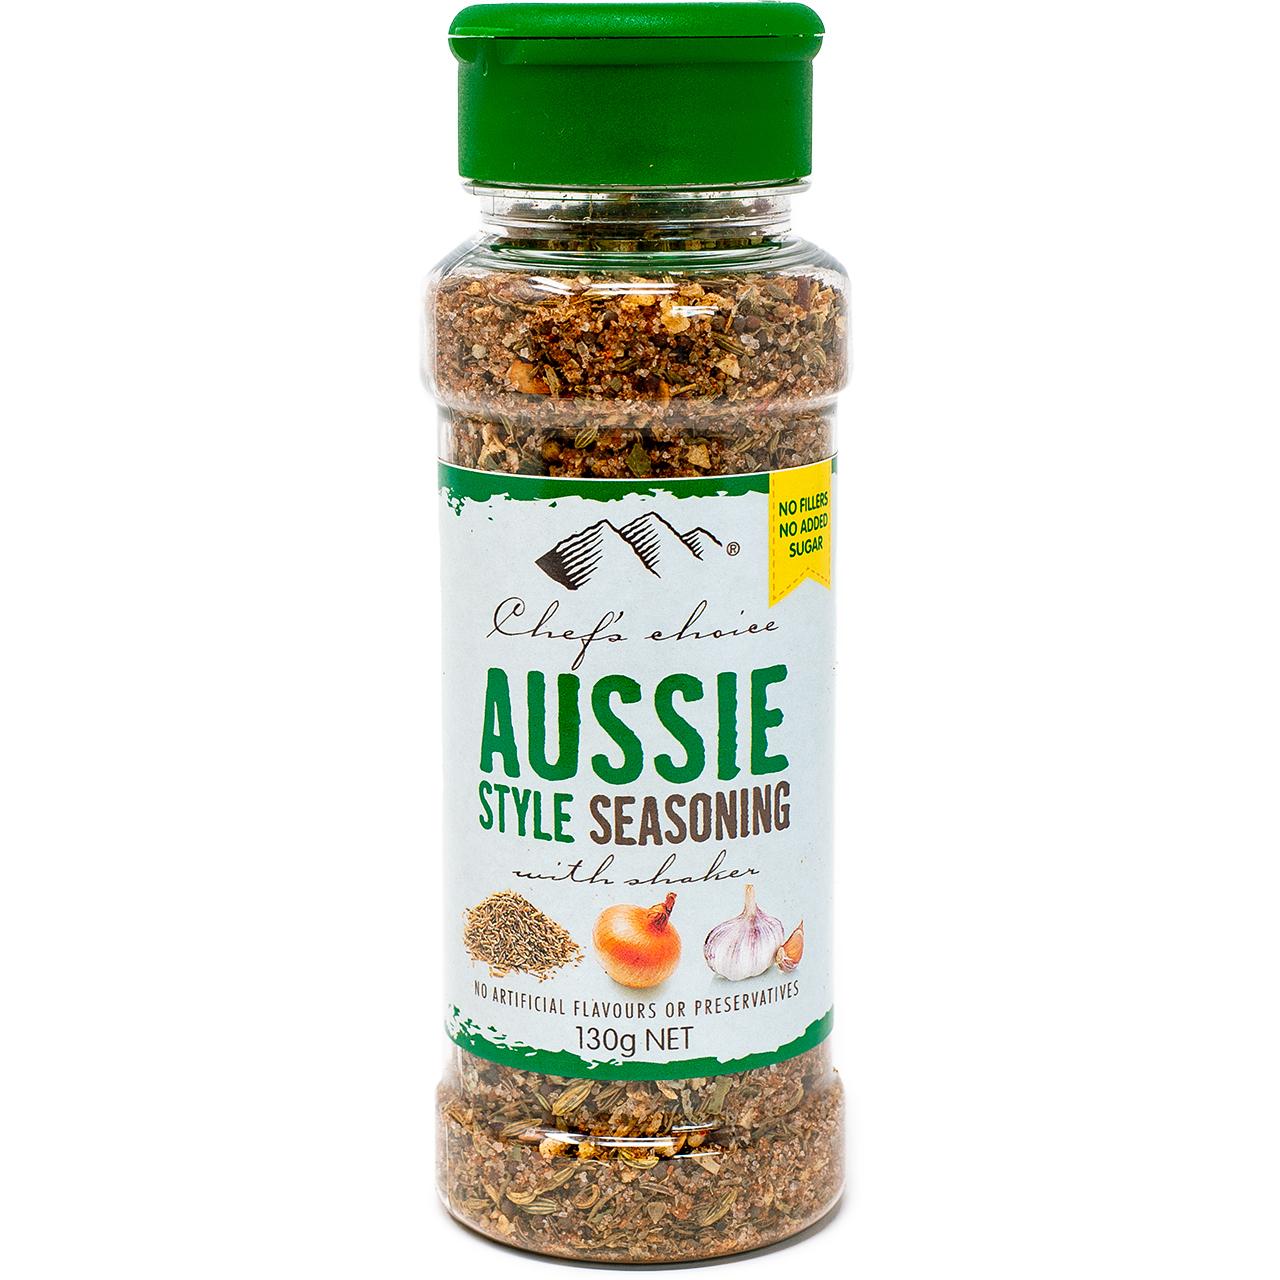 シェフズチョイスAussie Style BBQ Sysning(オーストラリア風)